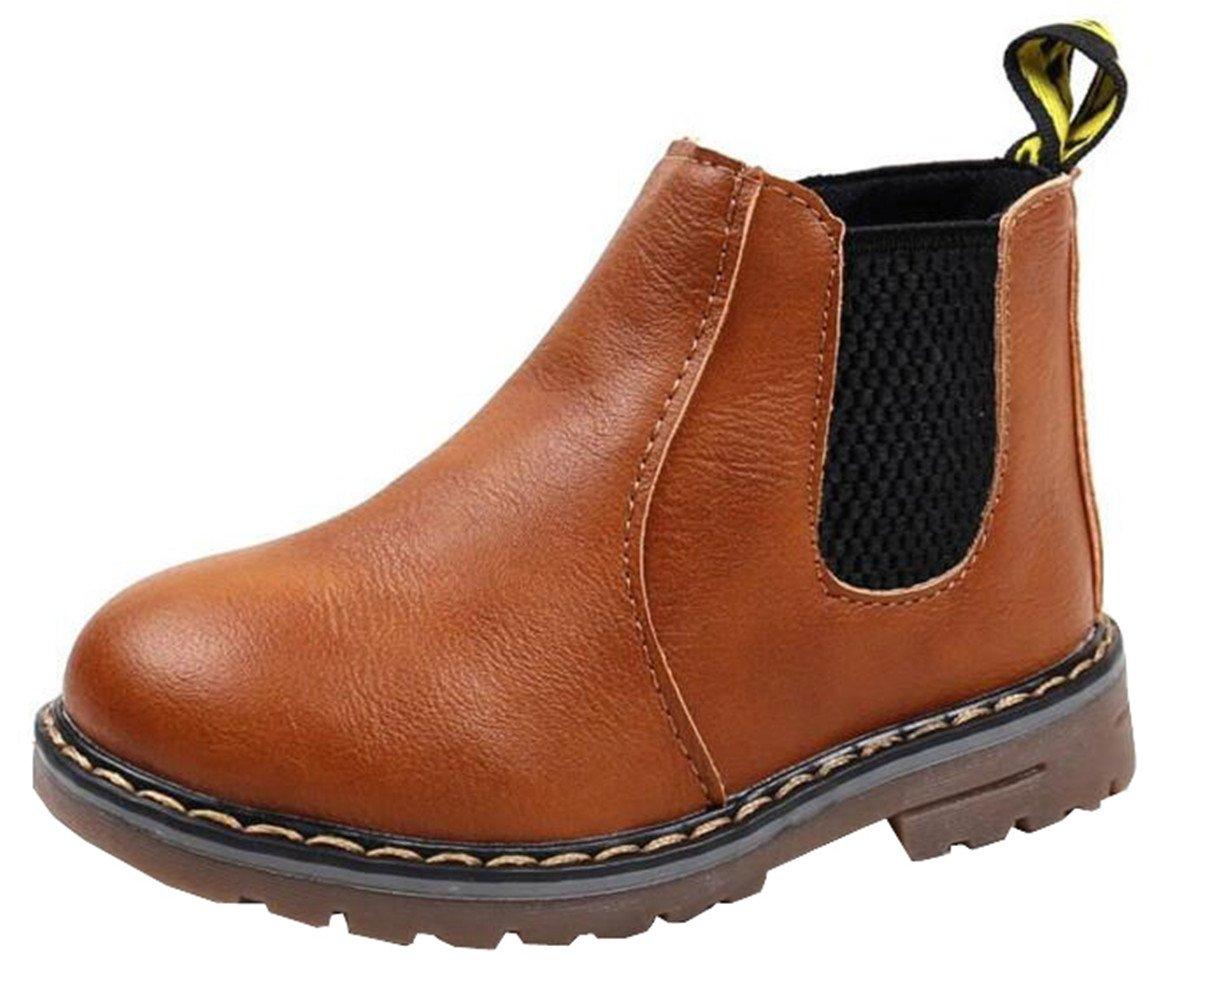 DADAWEN Boy's Girl's Waterproof Side Zipper Short Ankle Winter Snow Boots Brown US Size 1 M Little Kid